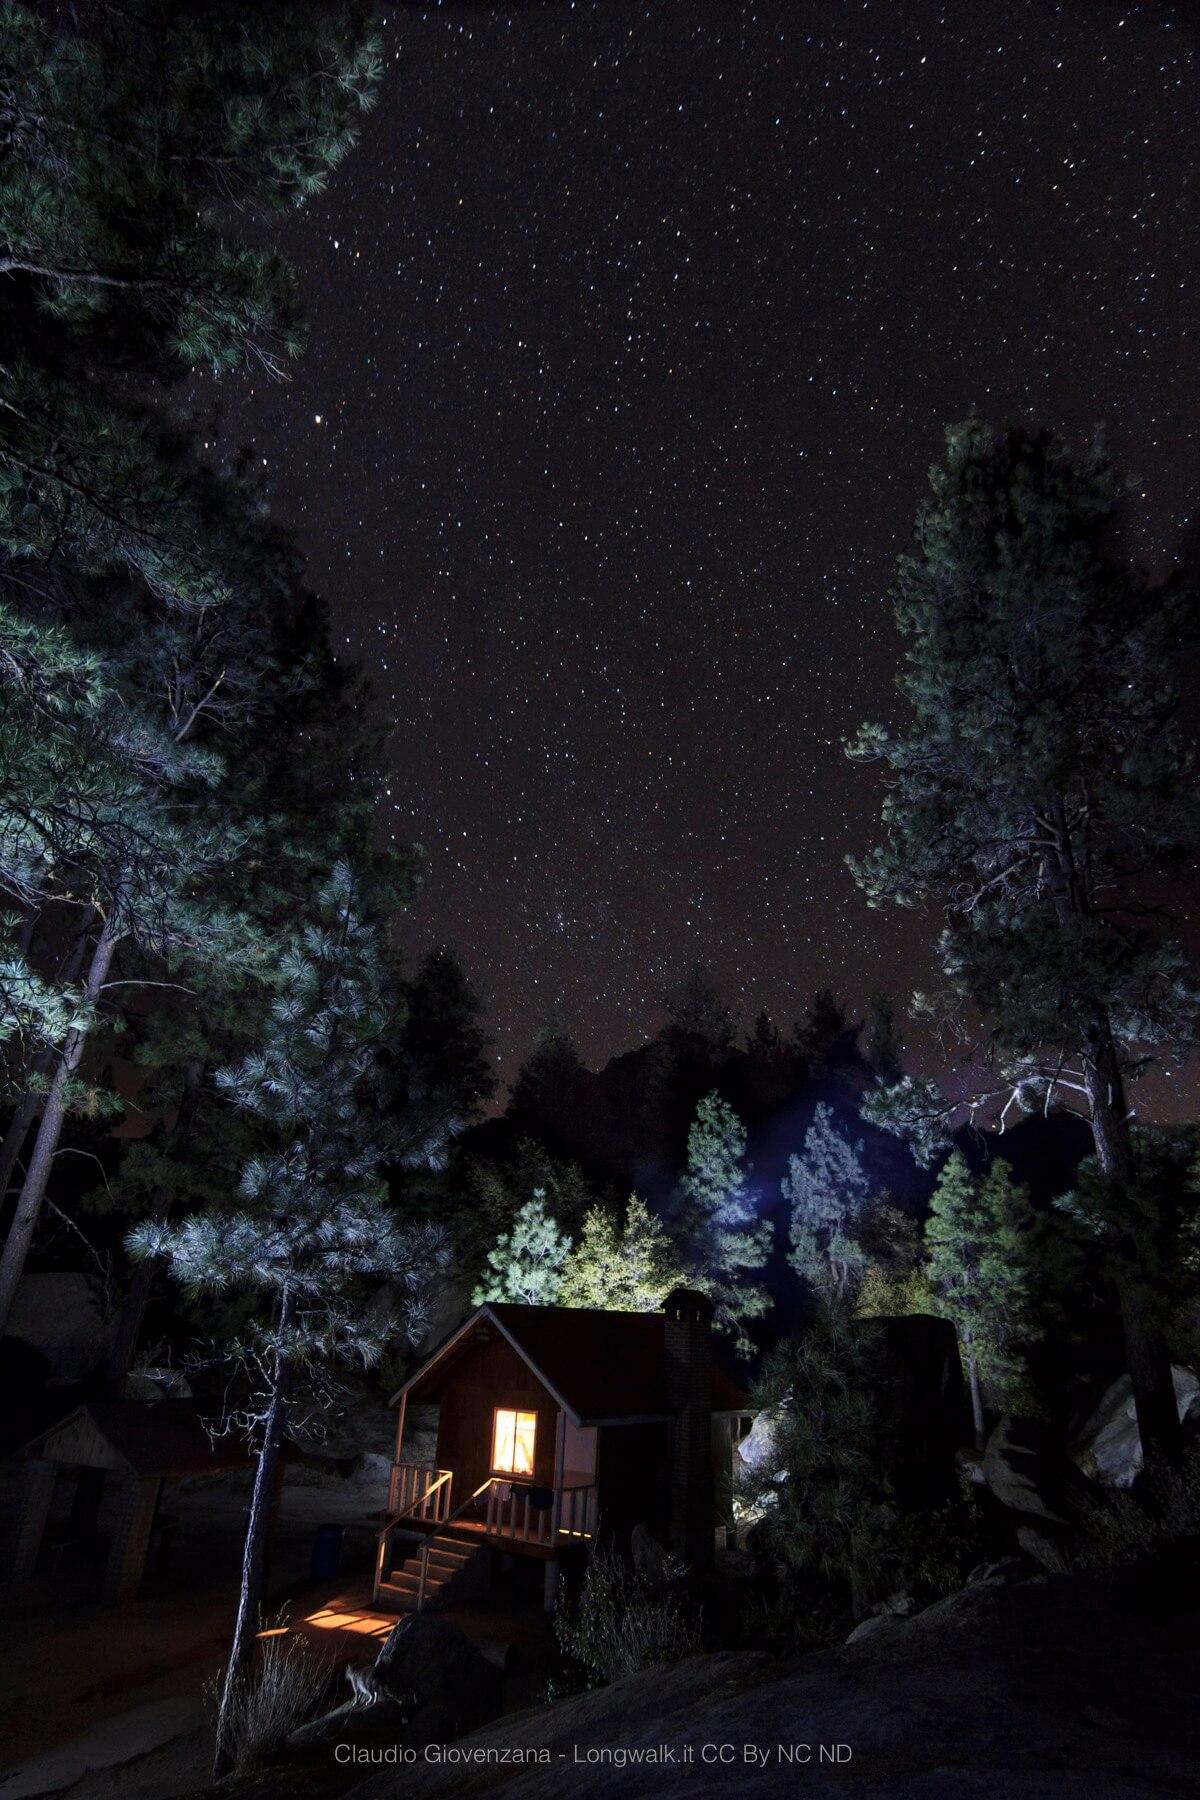 Una capanna nel bosco sotto un cielo stellato in Bassa California durante il mio viaggio per le americhe